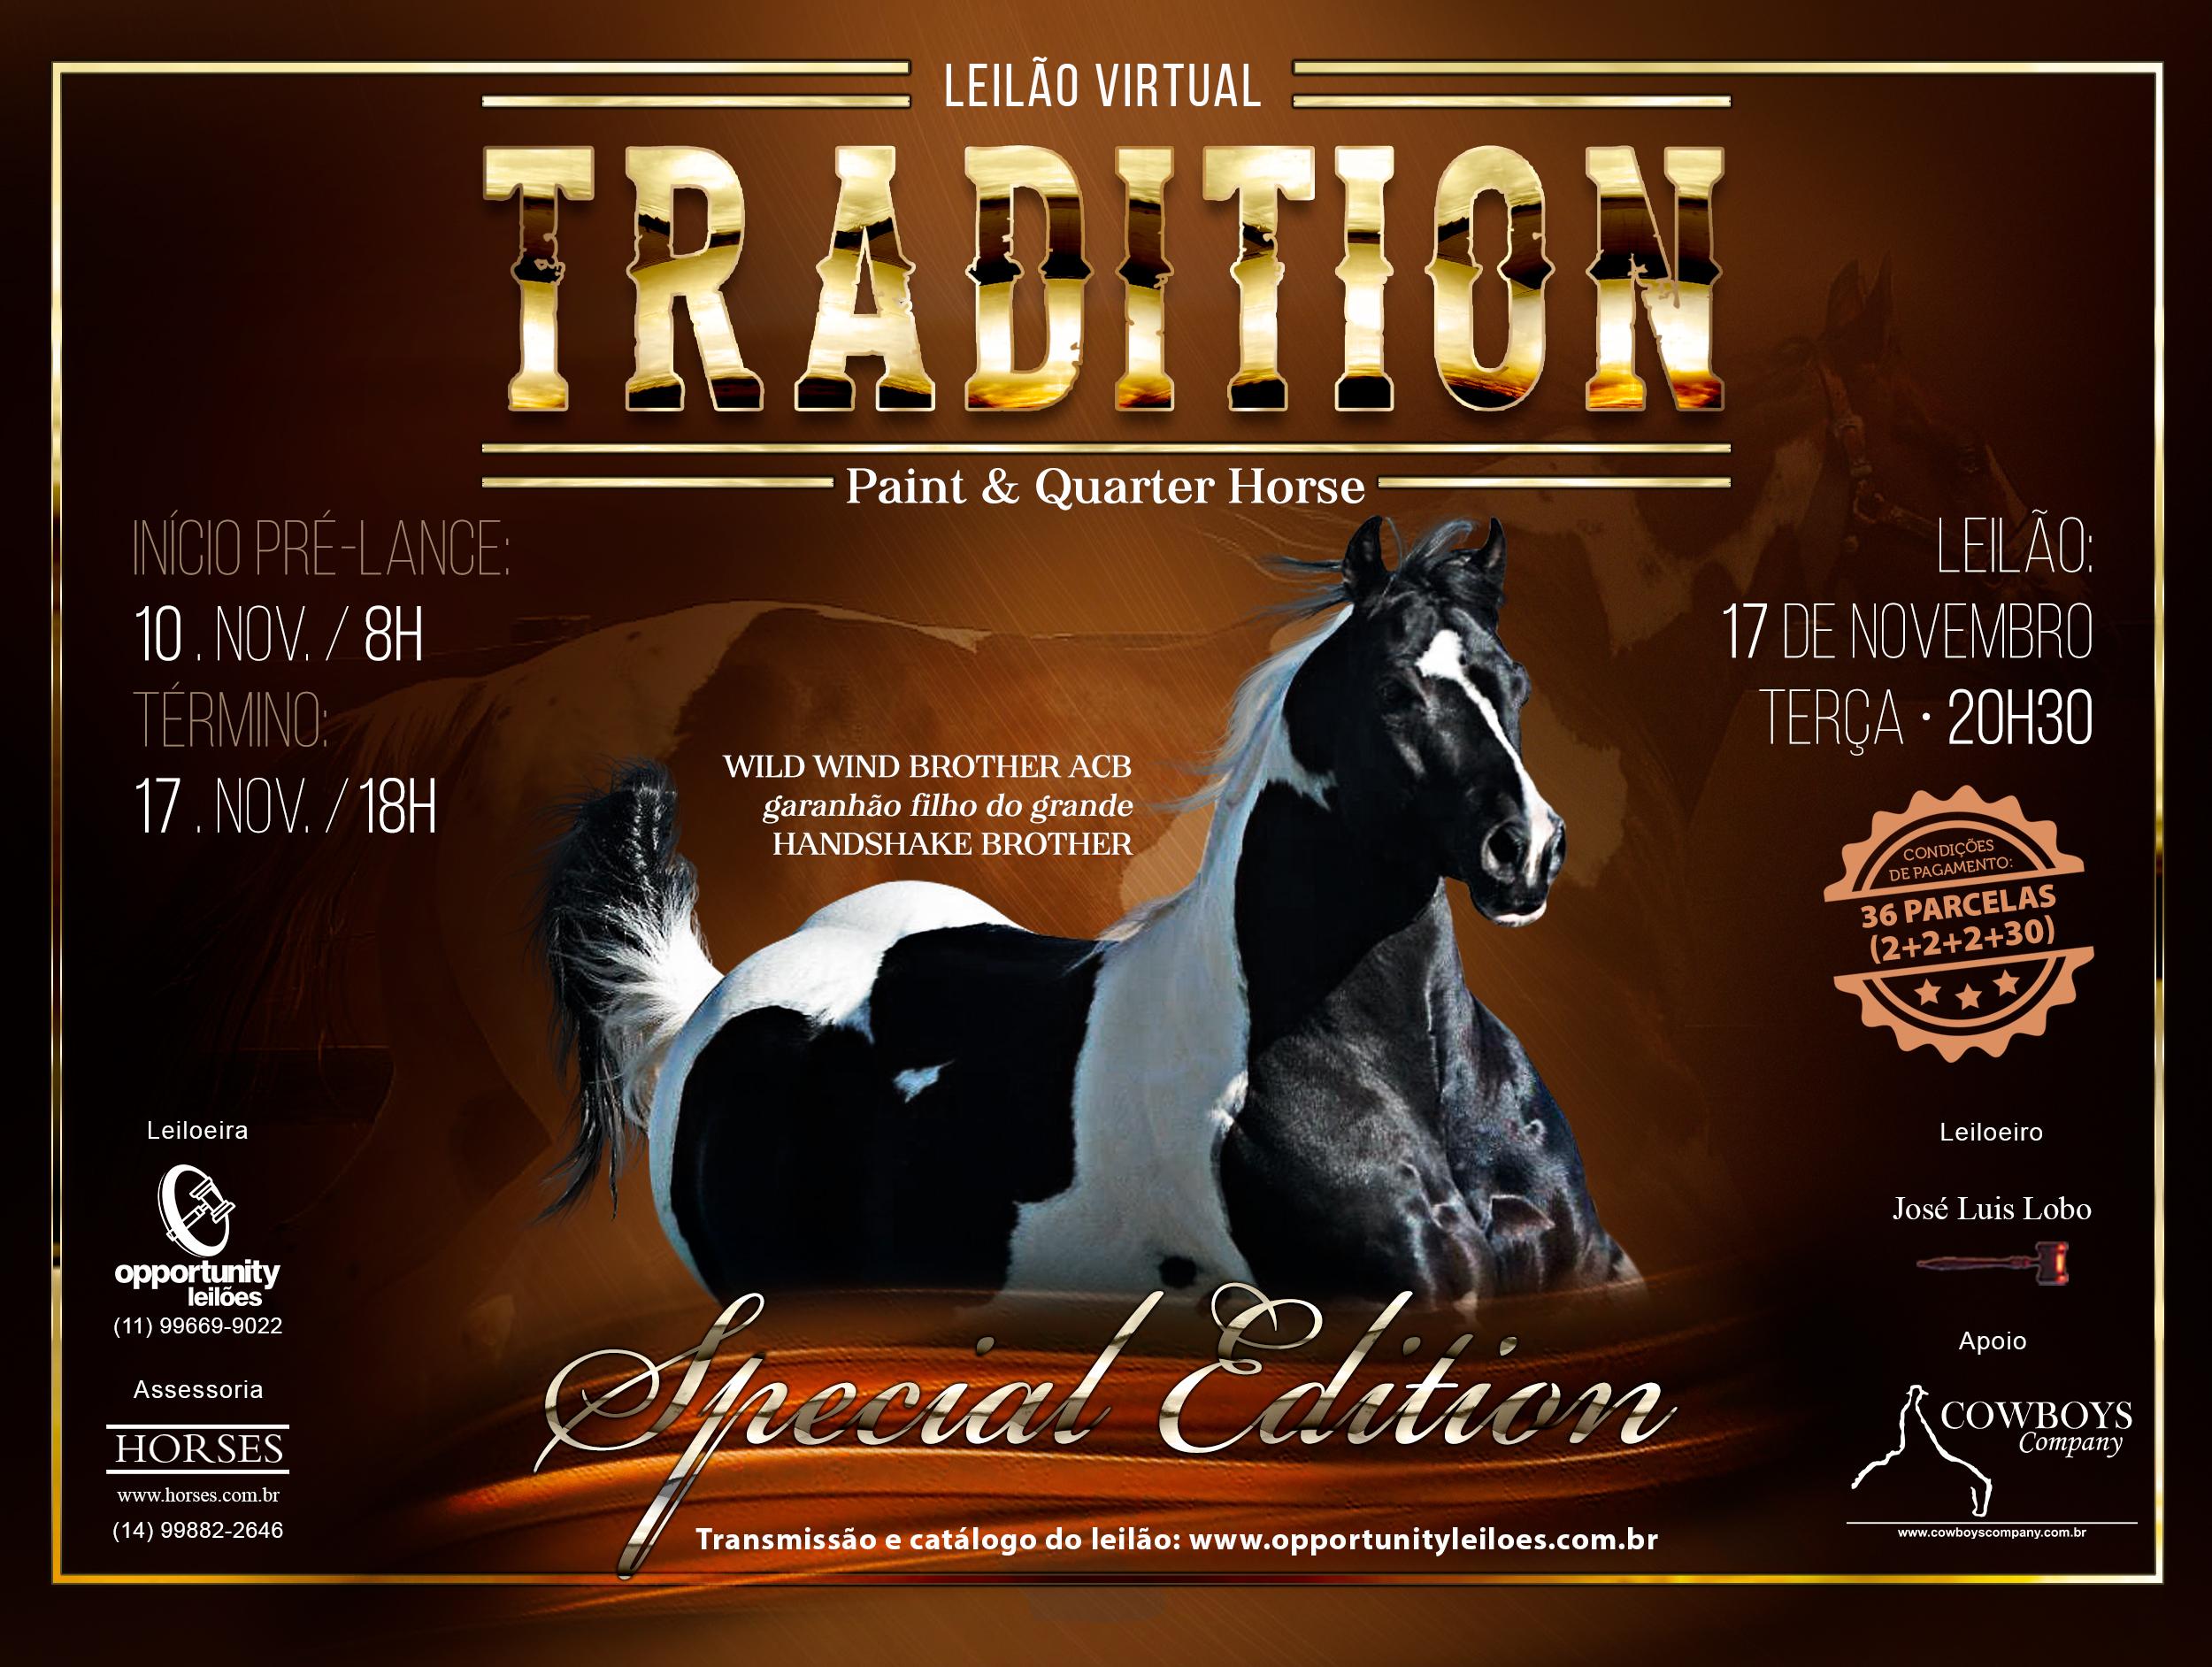 LEILÃO TRADITION - PAINT & QUARTER HORSE